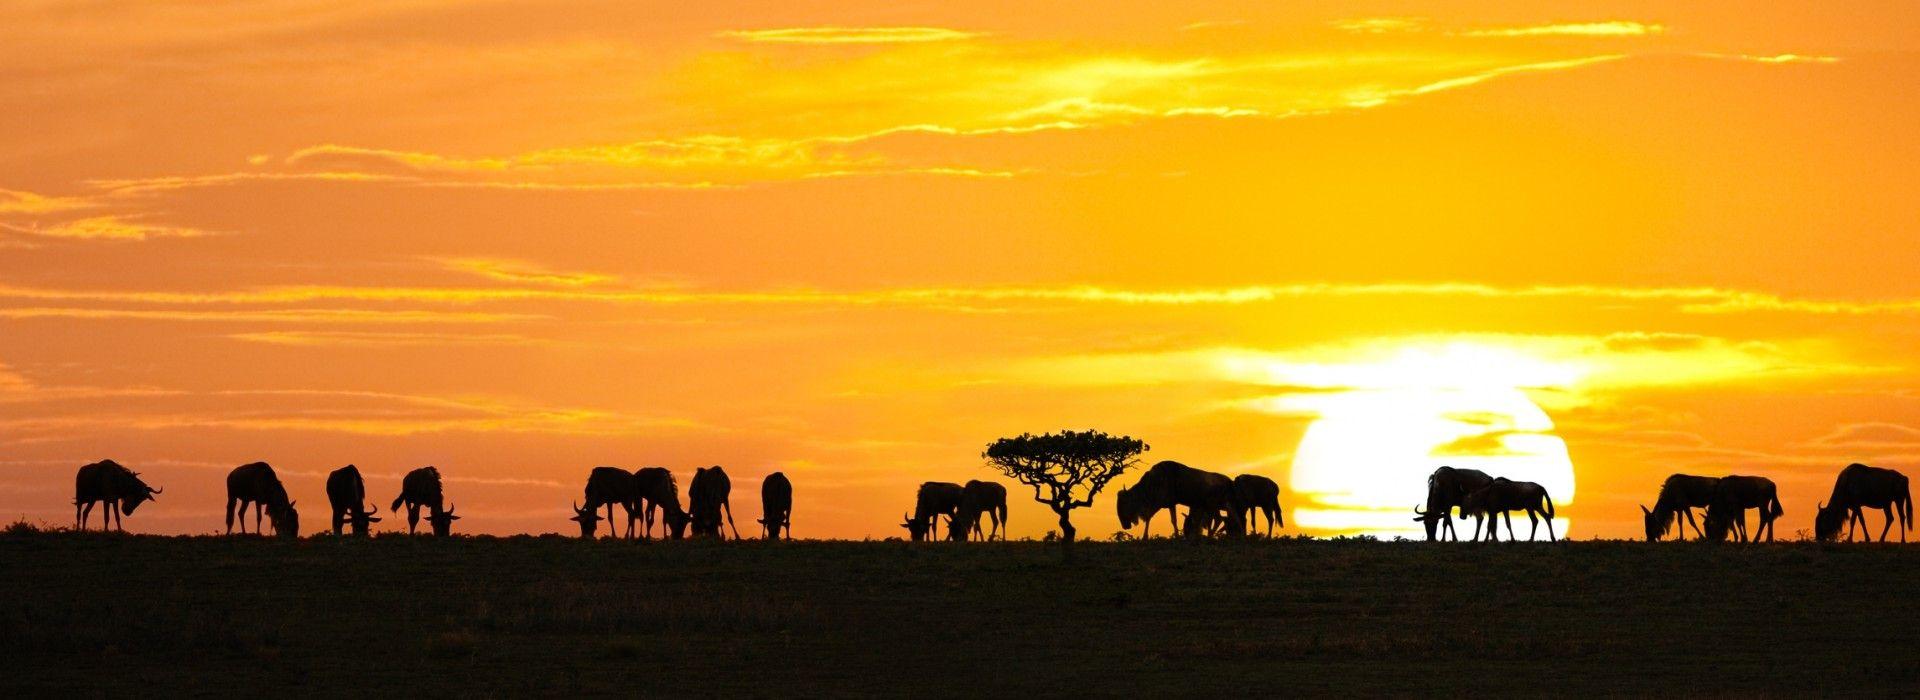 Explorer Tours in Ngorongoro Crater